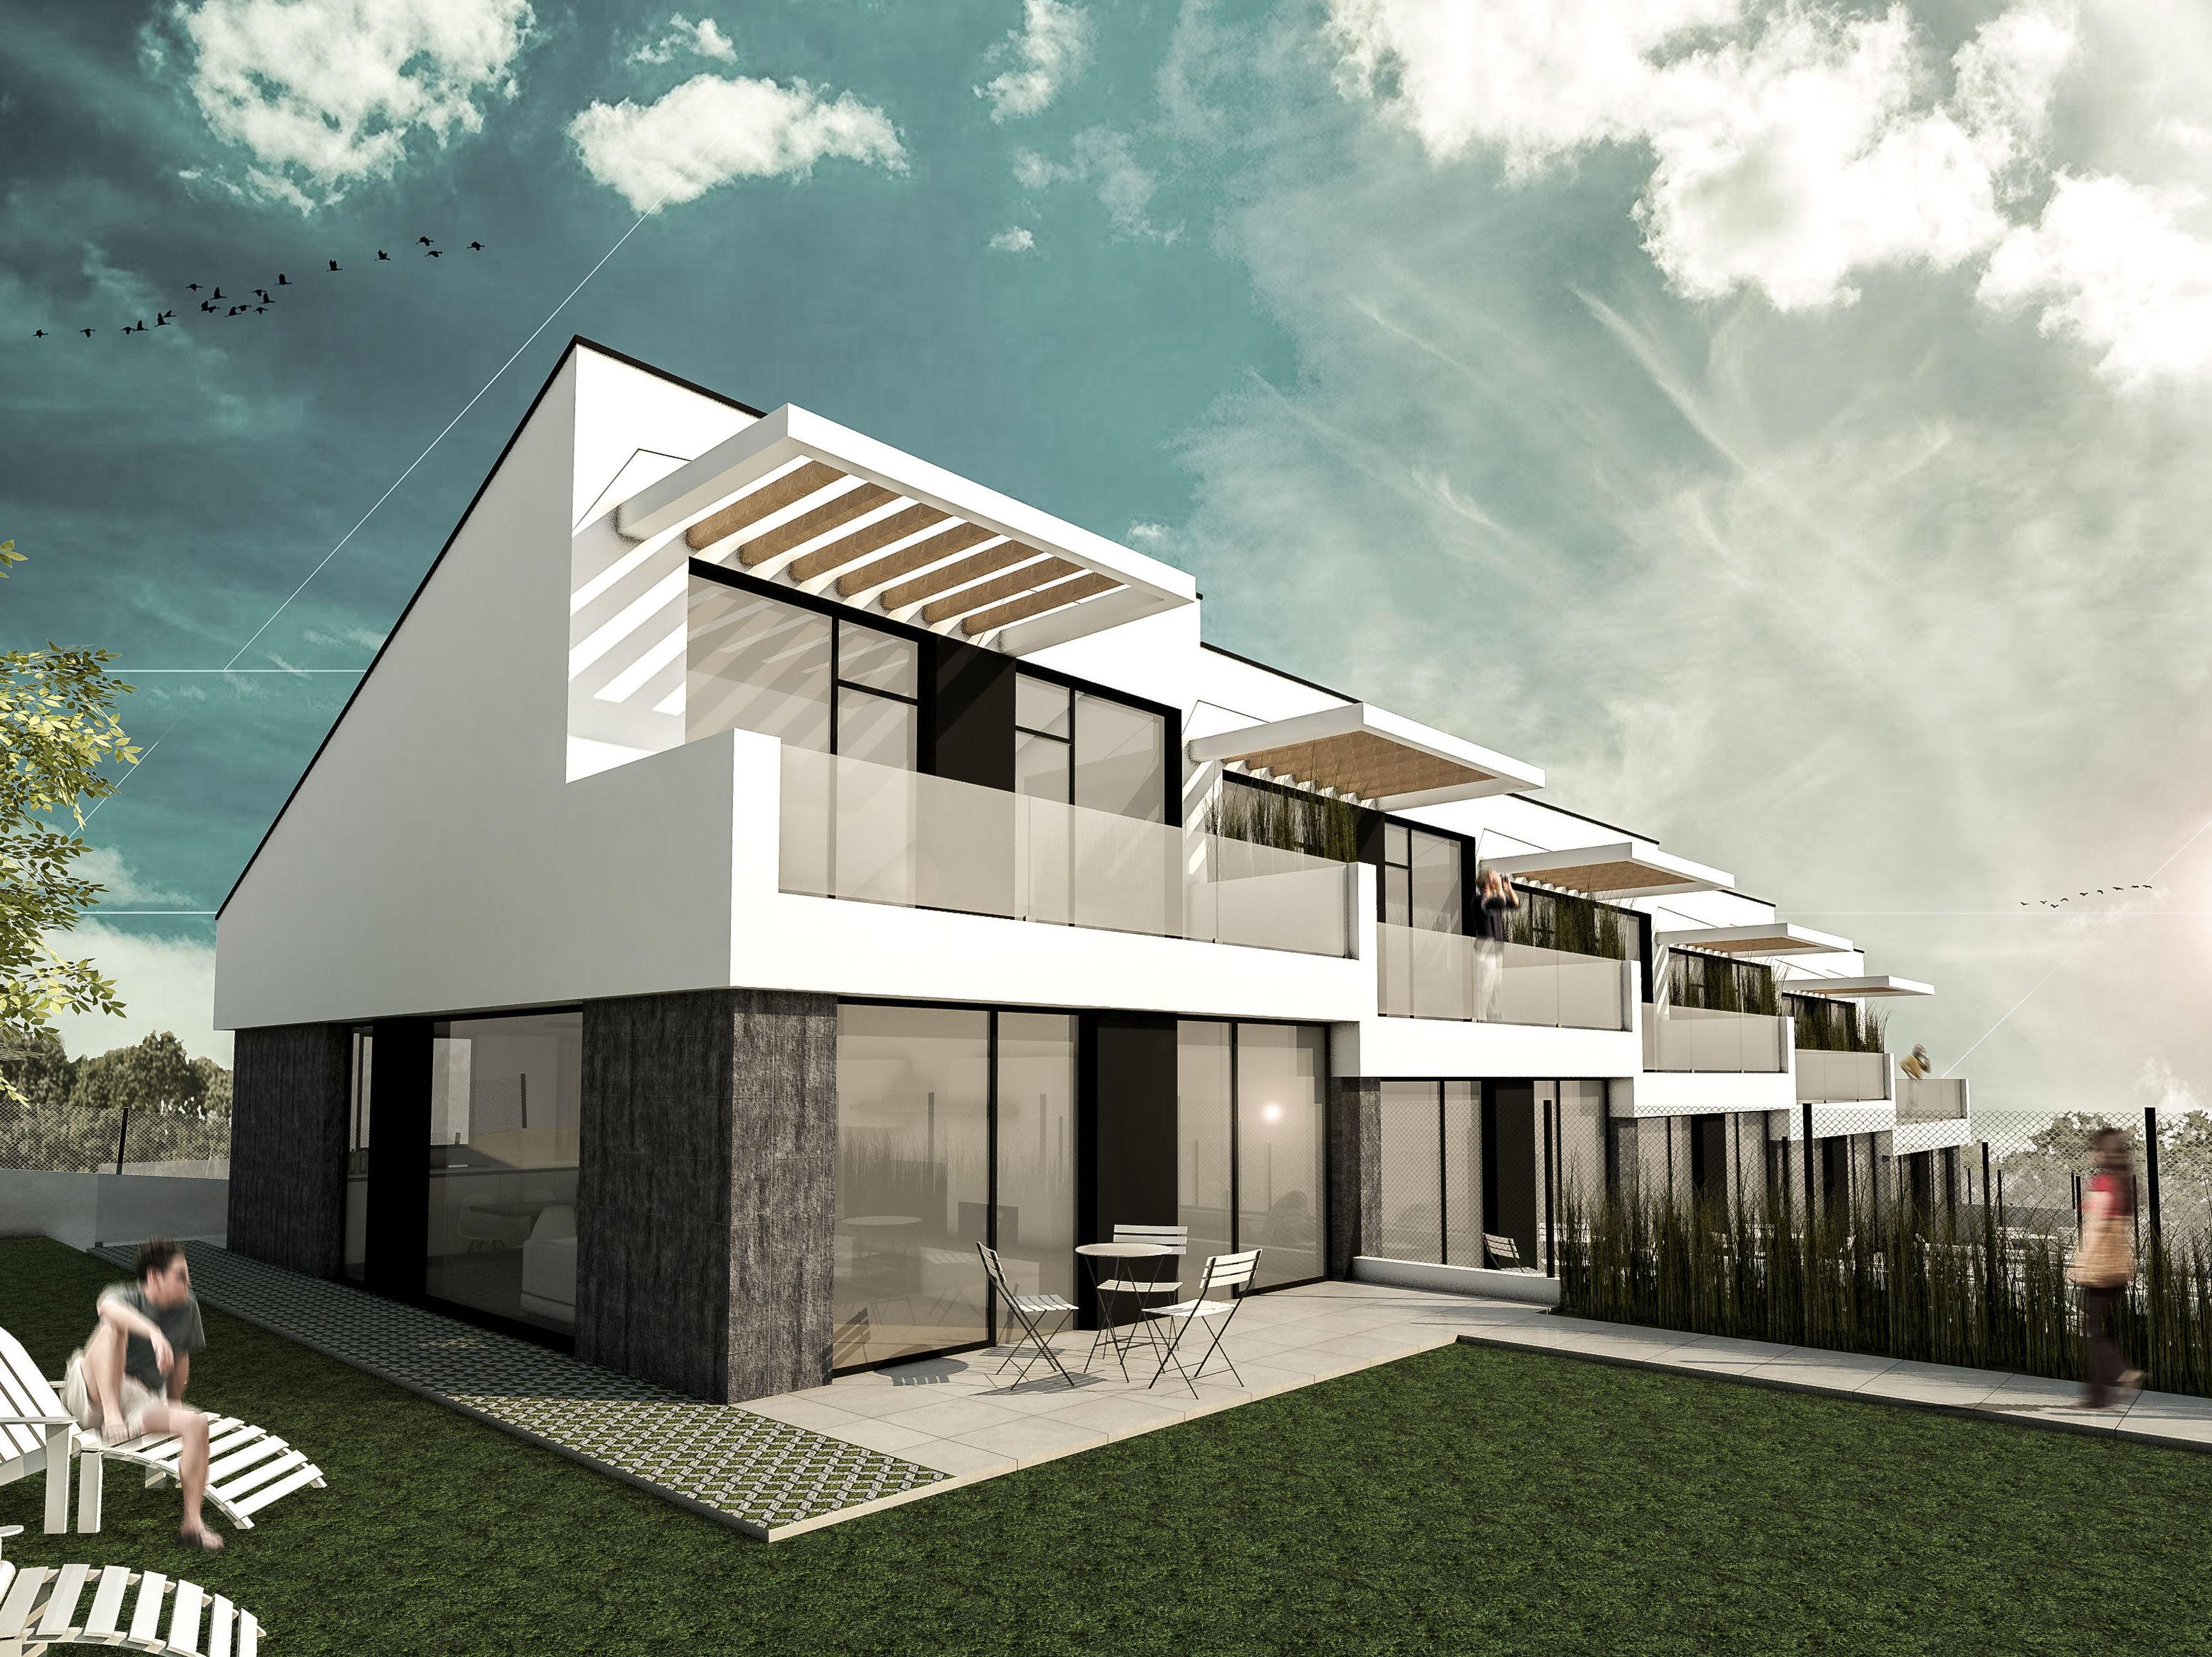 BIZKAIKO EXTEAK BEK 9, S.COOP.            5 viviendas adosadas en hilera_Sector Asu de SOPELA